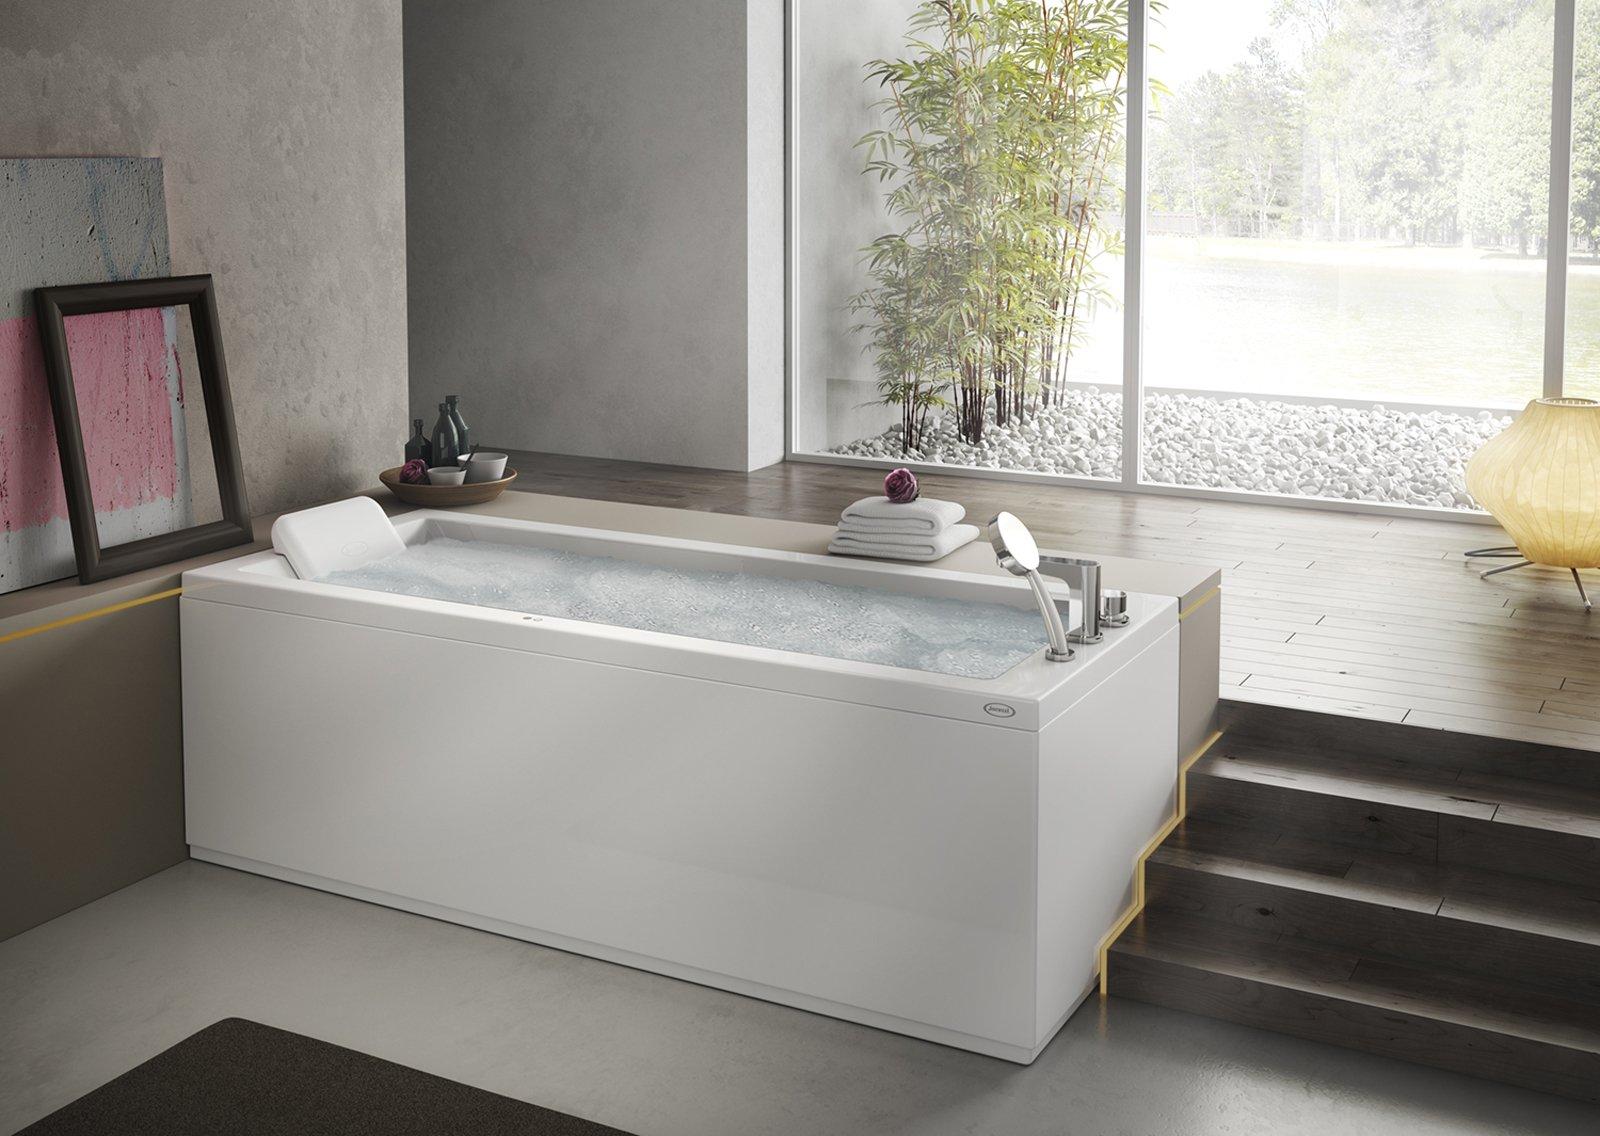 Vasca Da Bagno Marmo Prezzi : Vasche da bagno low cost a partire da euro cose di casa